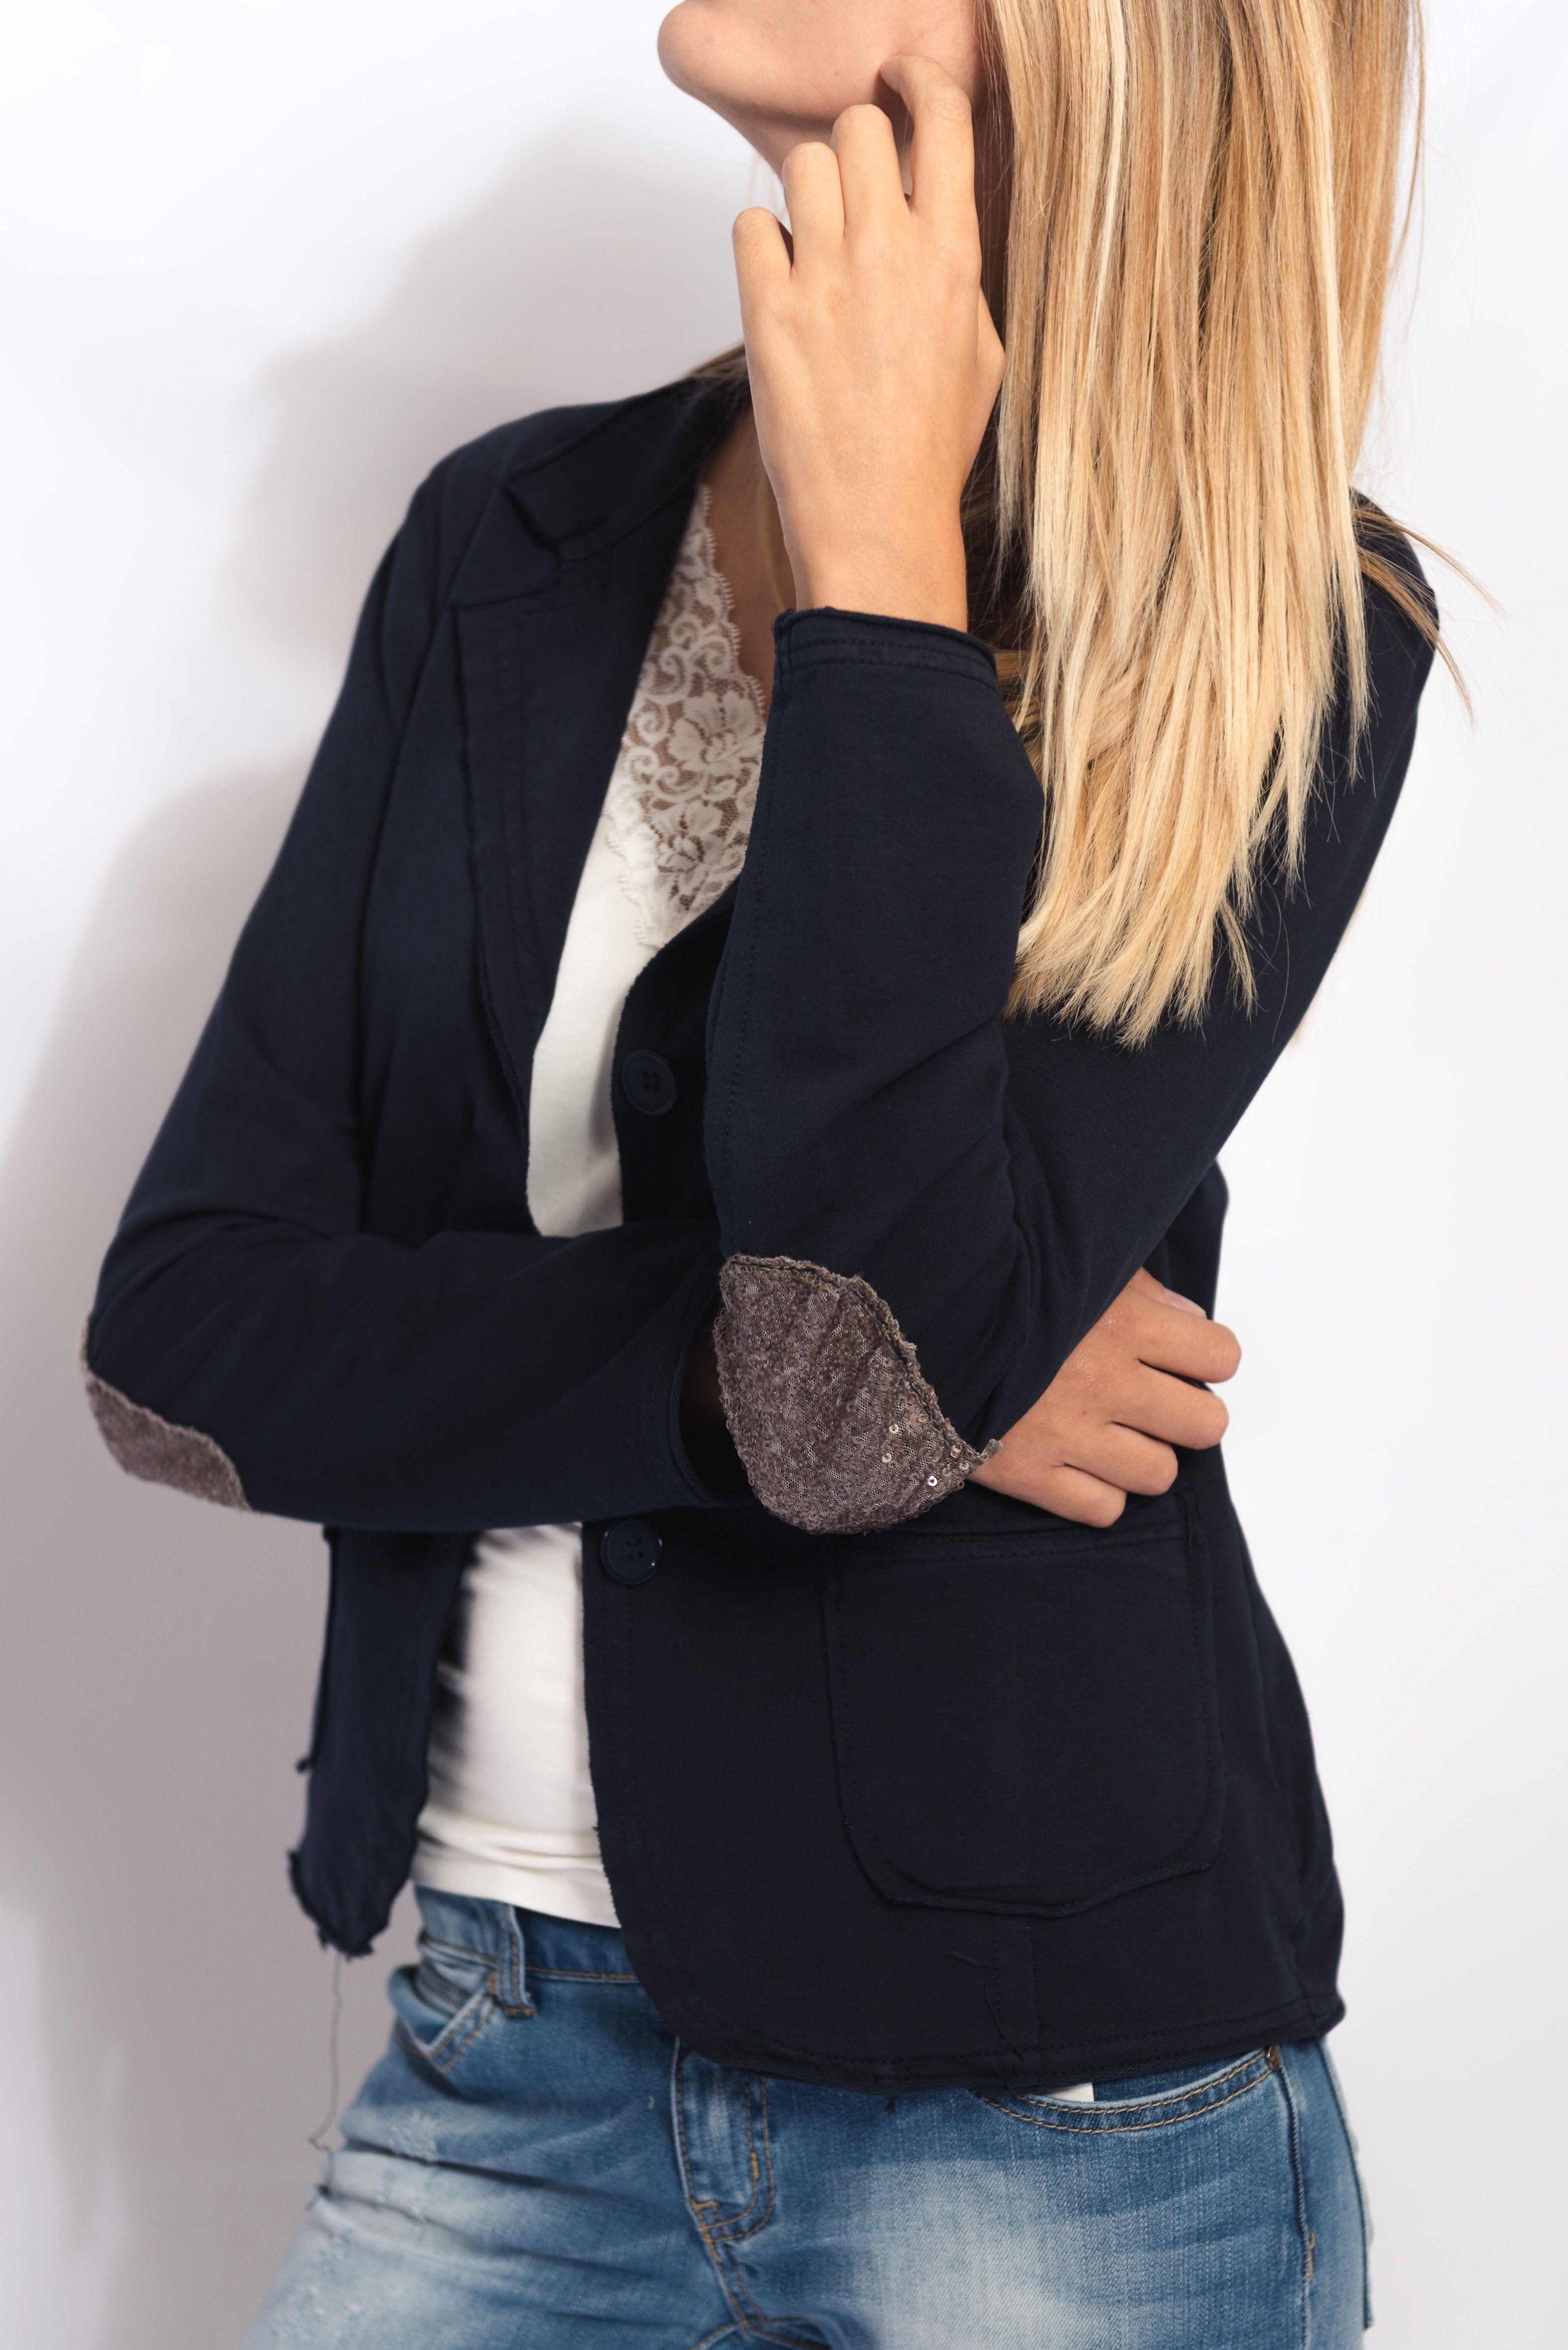 elle est de retour la veste de blazer bleu marine coton avec paillettes sur les coudes du. Black Bedroom Furniture Sets. Home Design Ideas